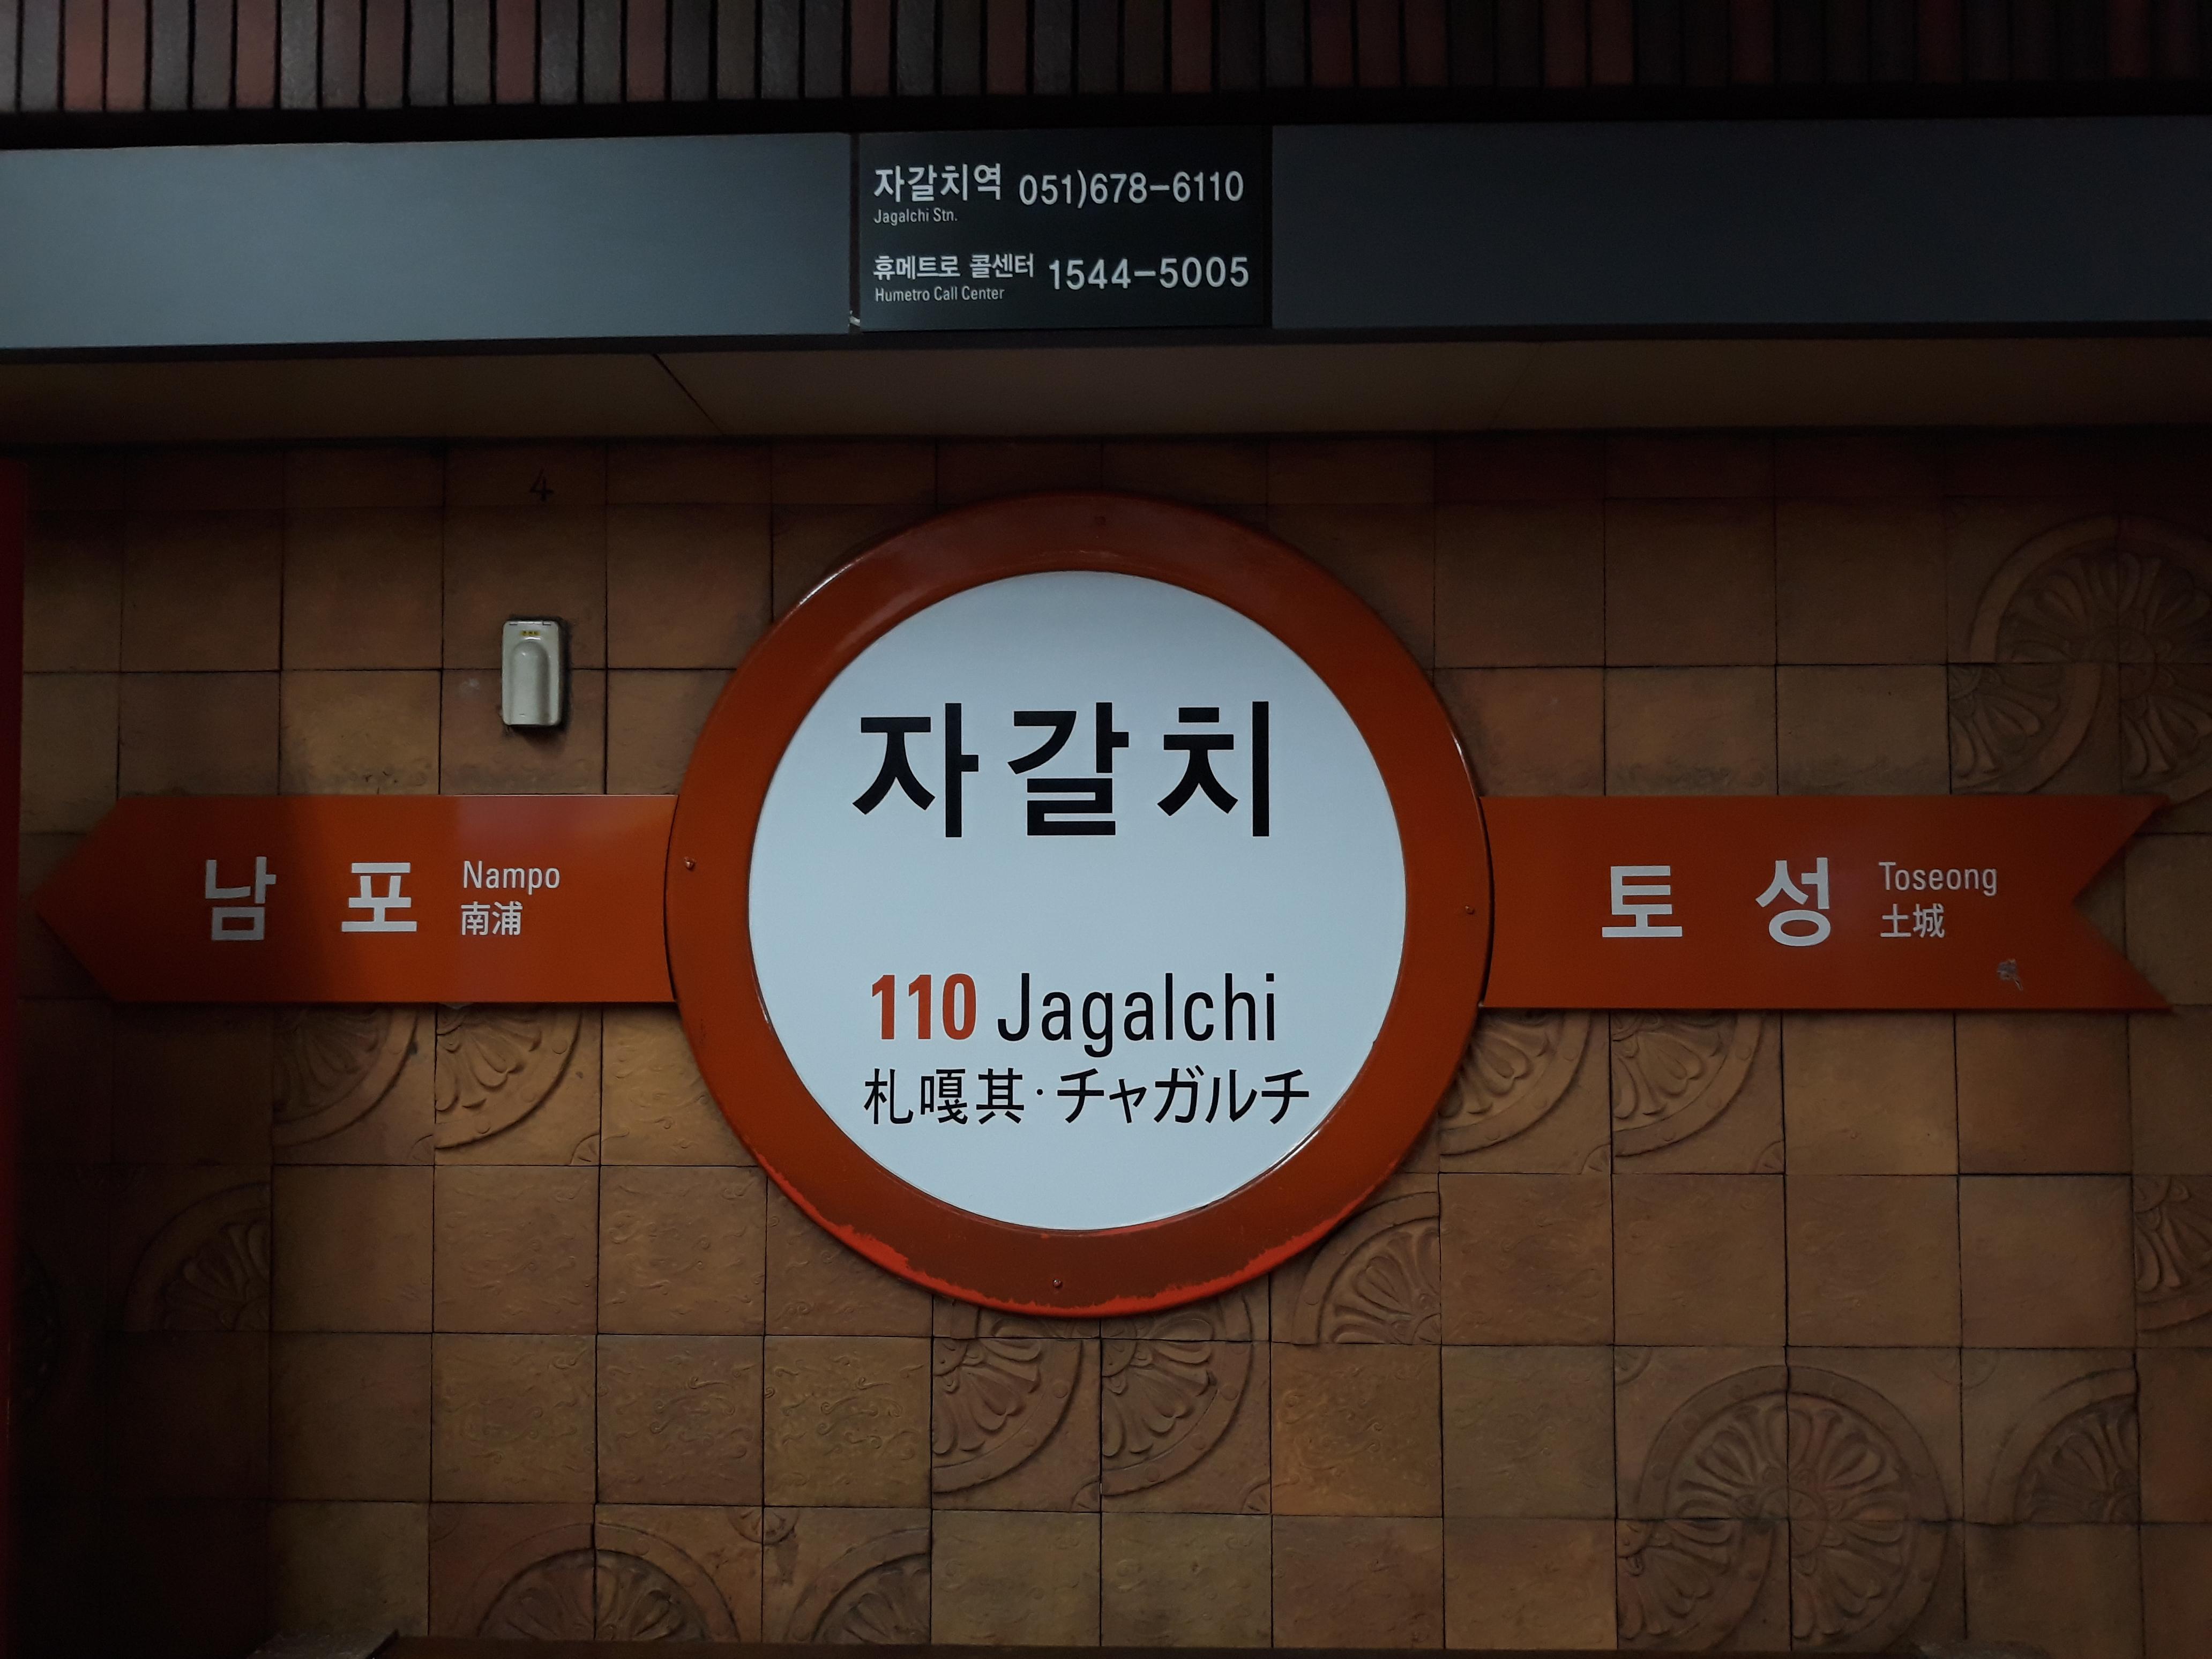 Jagalchi station sign 20180527 204908.jpg